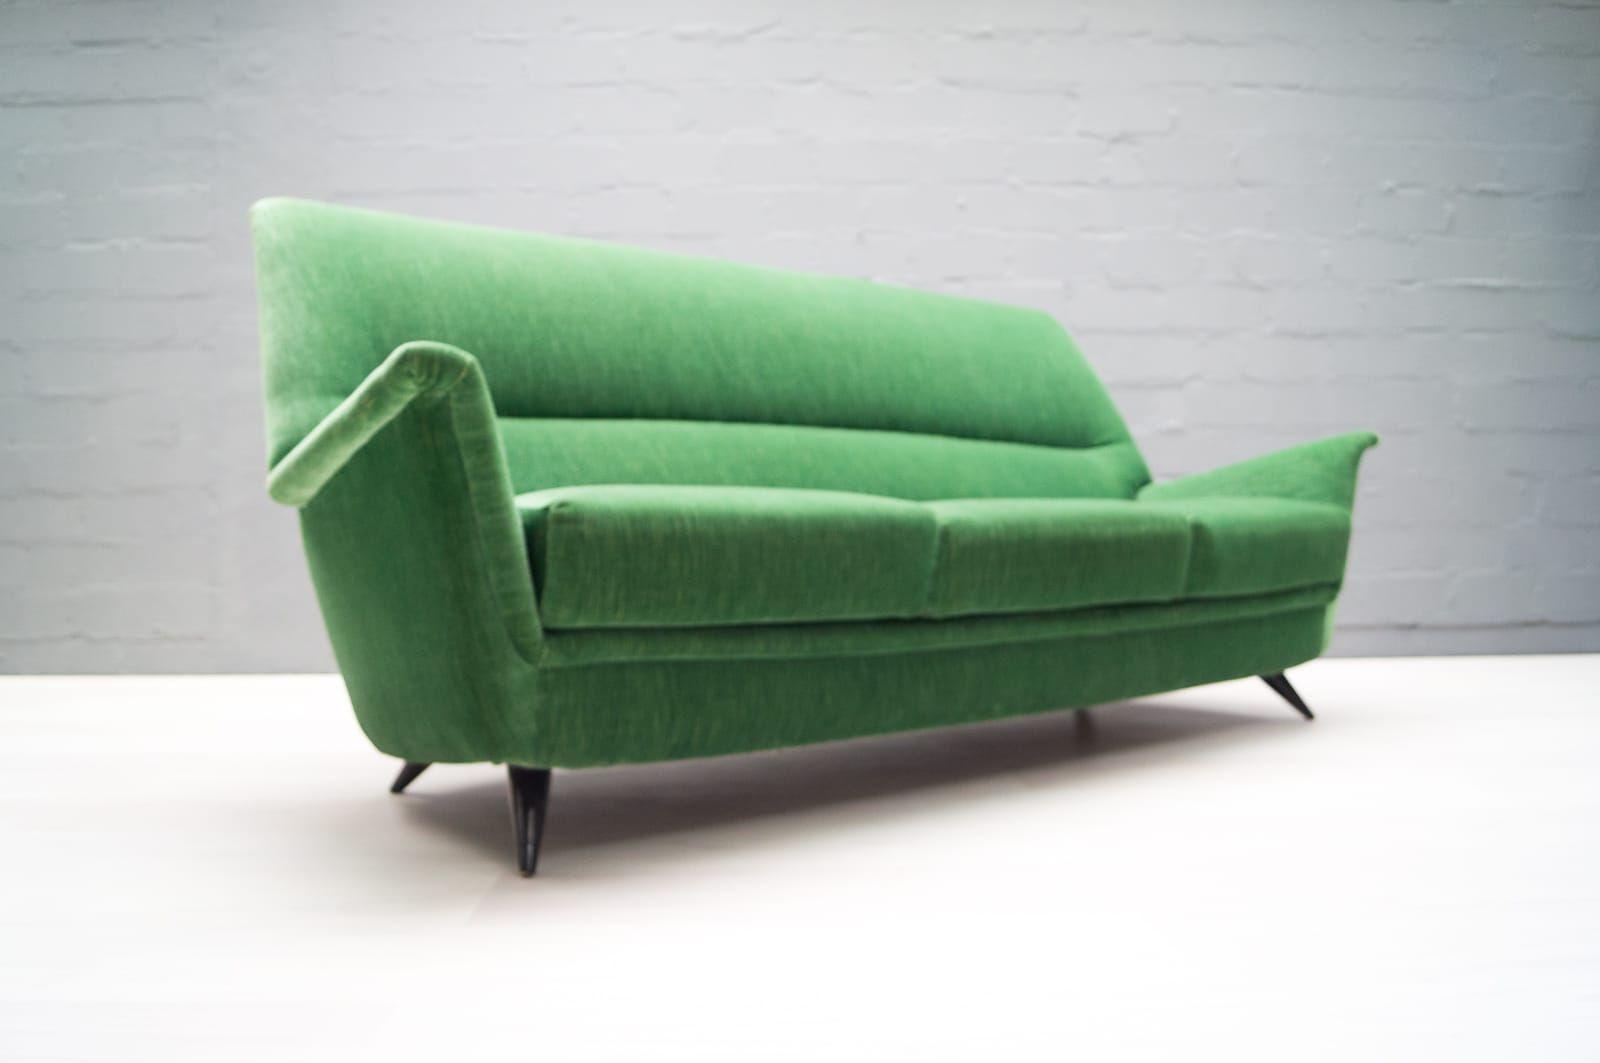 Mobilier de salon vert pomme italie 1950s en vente sur for Mobilier de salon